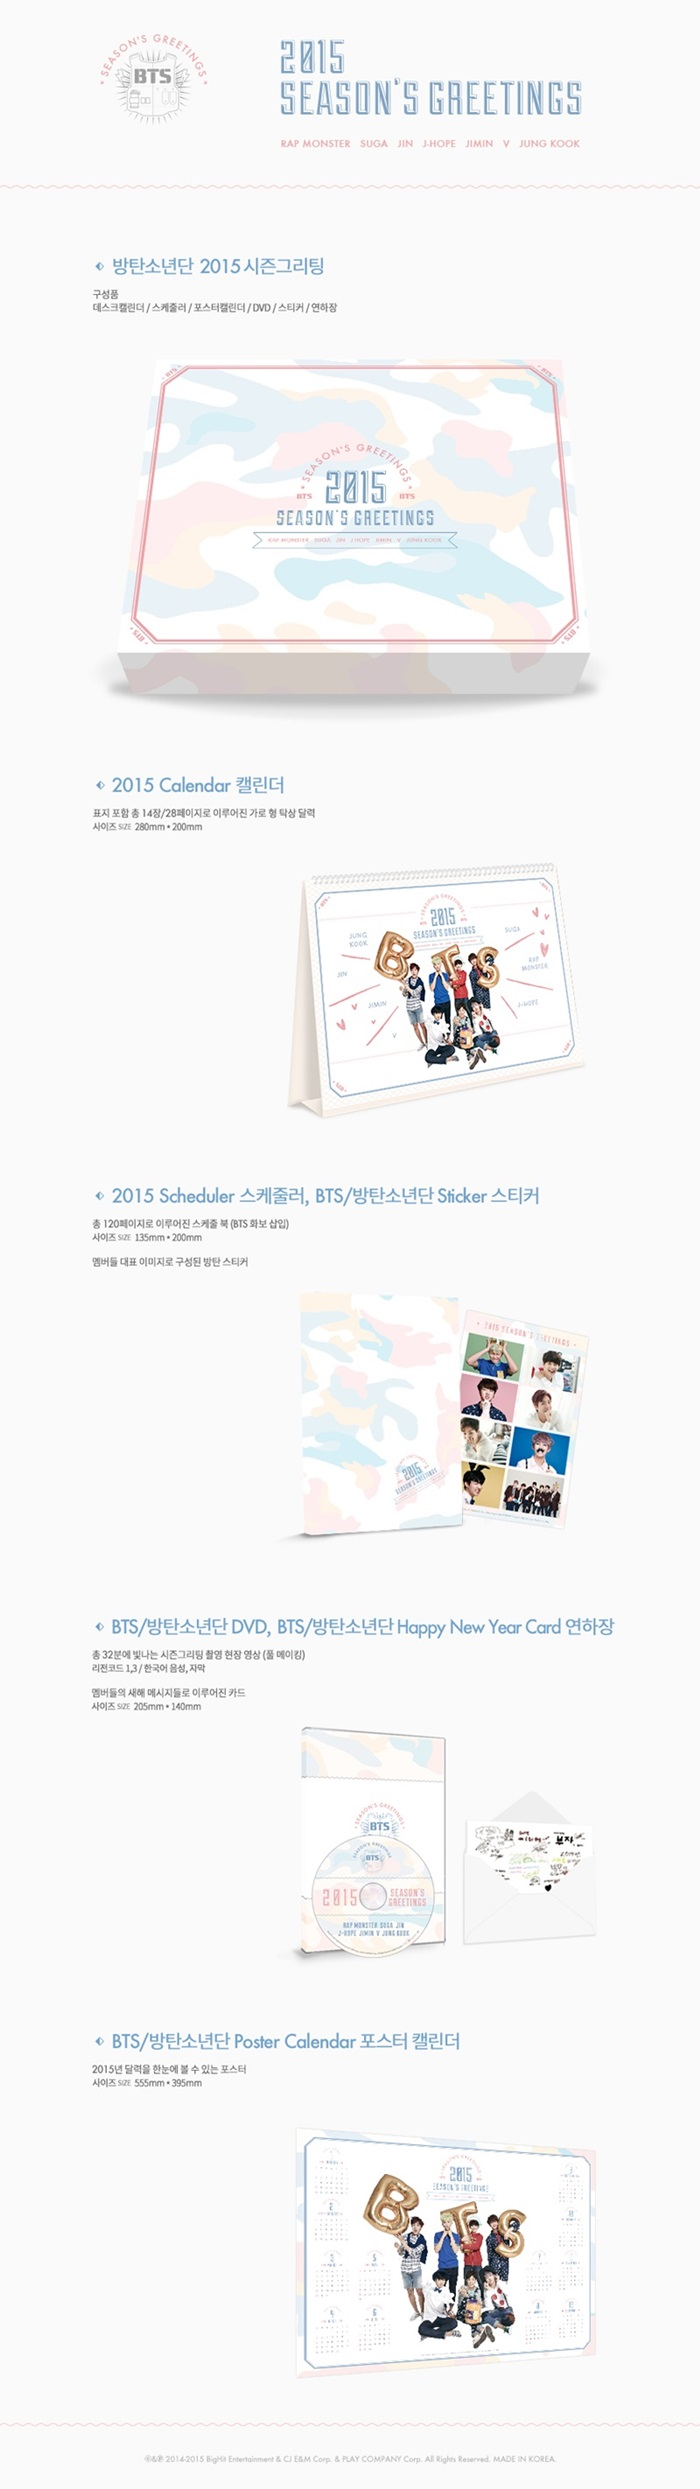 Info bts 2015 seasons greetings will be released on november 141114 imageviewereshop imageviewereshop2 bts 2015 seasons greetings m4hsunfo